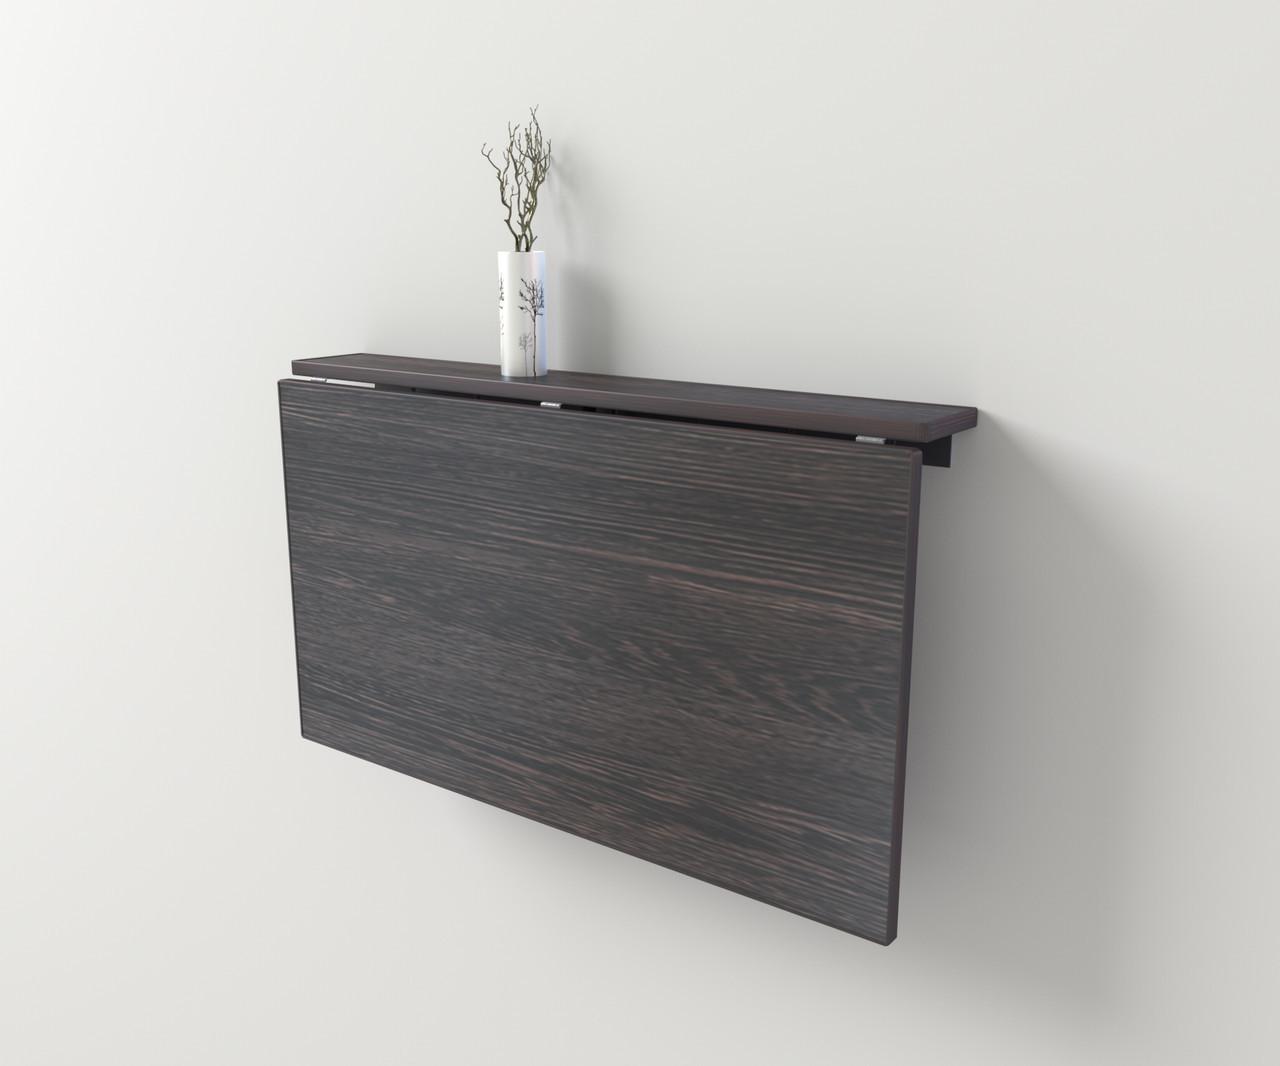 Стіл настінний/відкидний 90*50 см Венге аруша